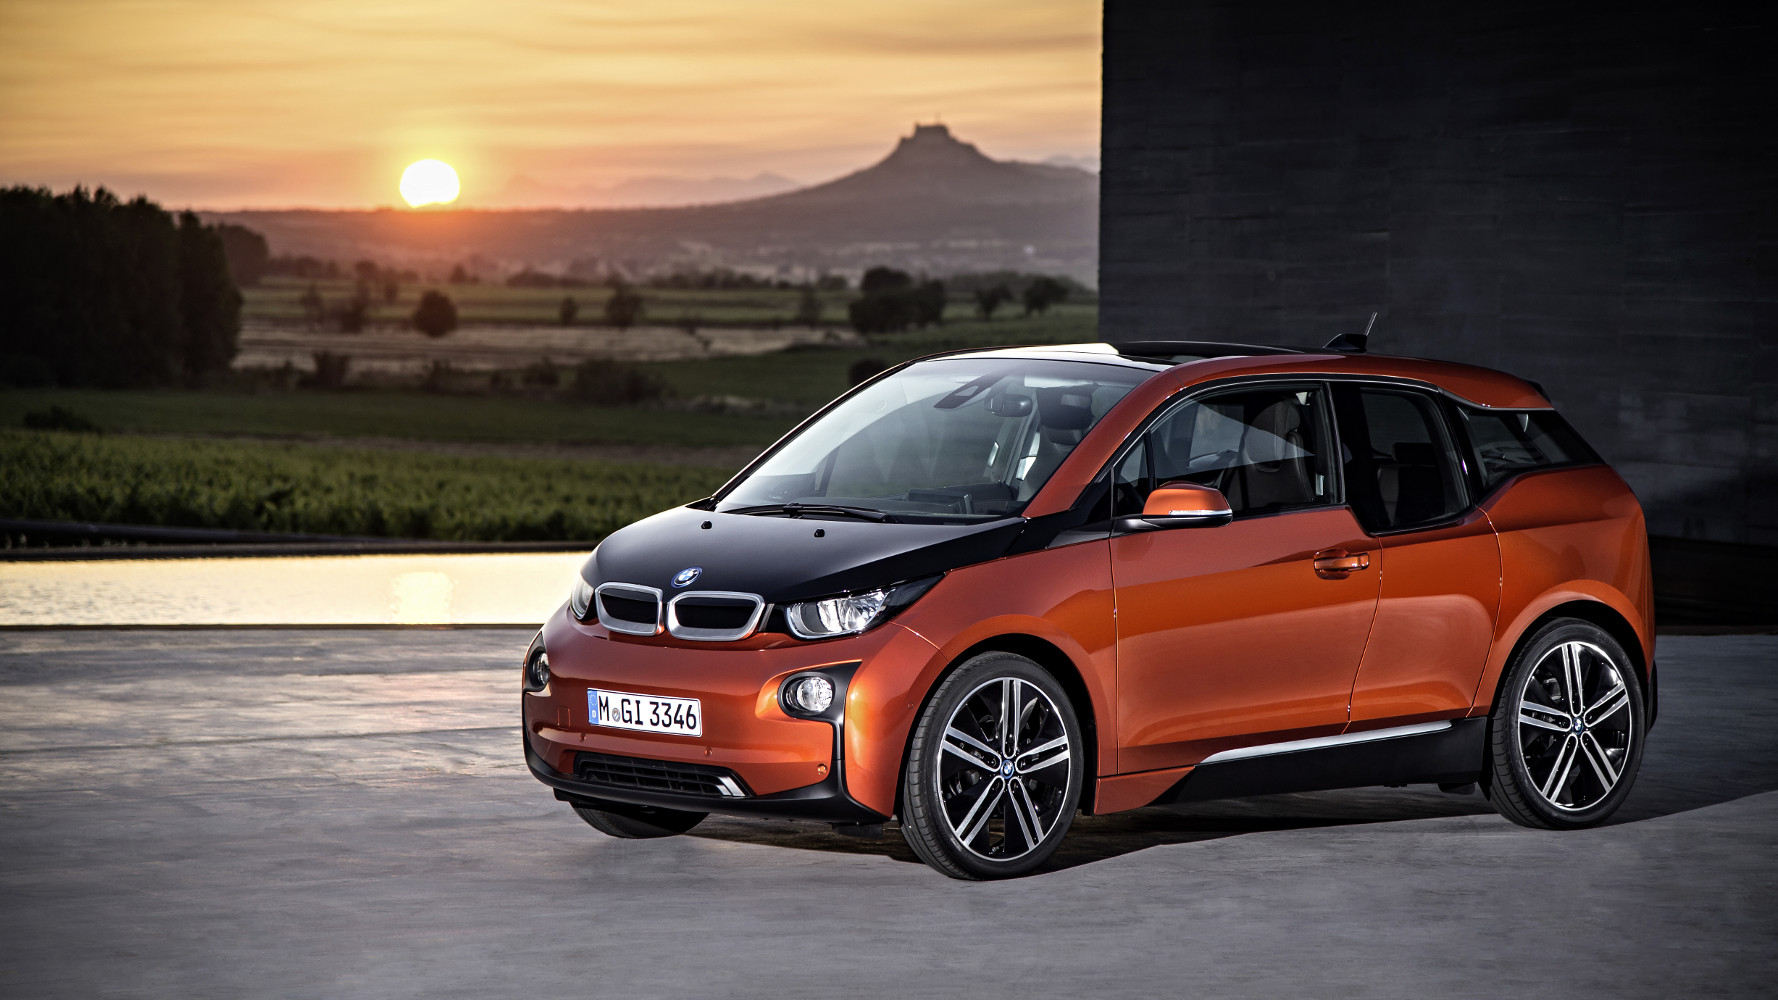 BMW i3: Beschleunigung von 0 auf 150 [Video]